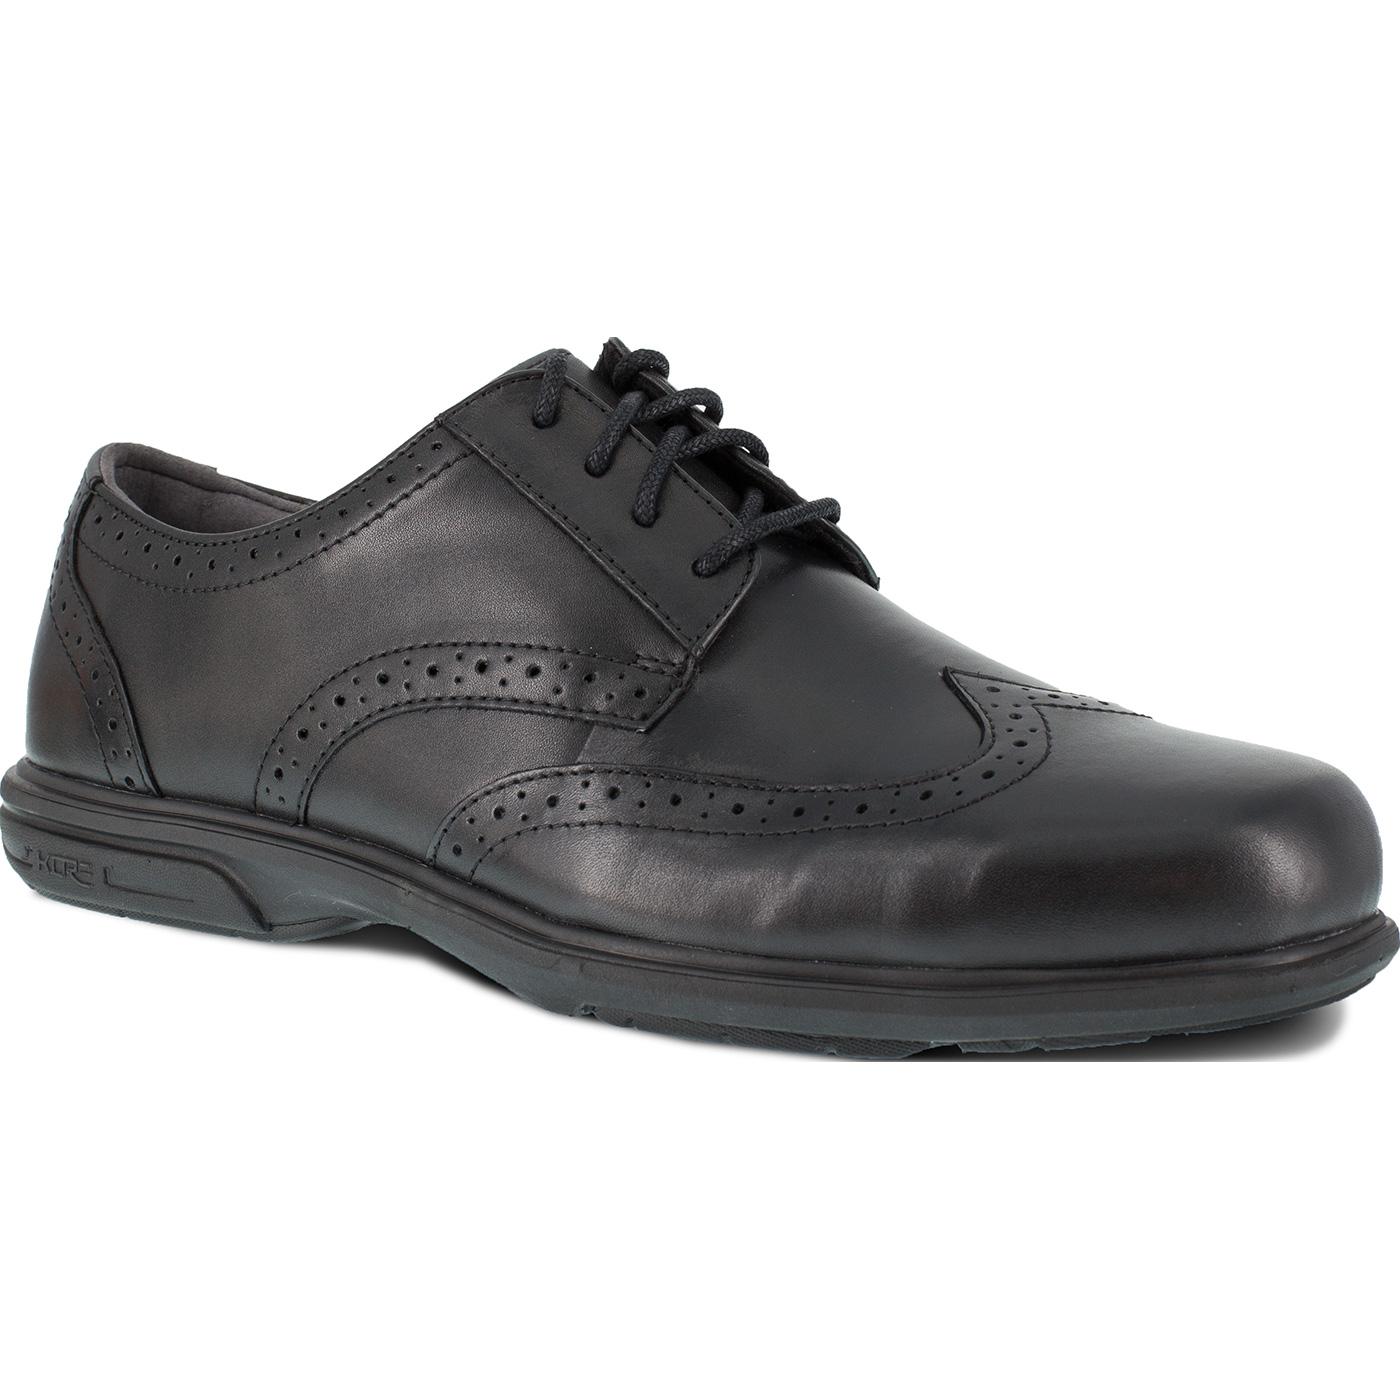 8778aab11b4 Florsheim Work Loedin Men's Steel Toe Static-Dissipative Black Dress  Wingtip Oxford